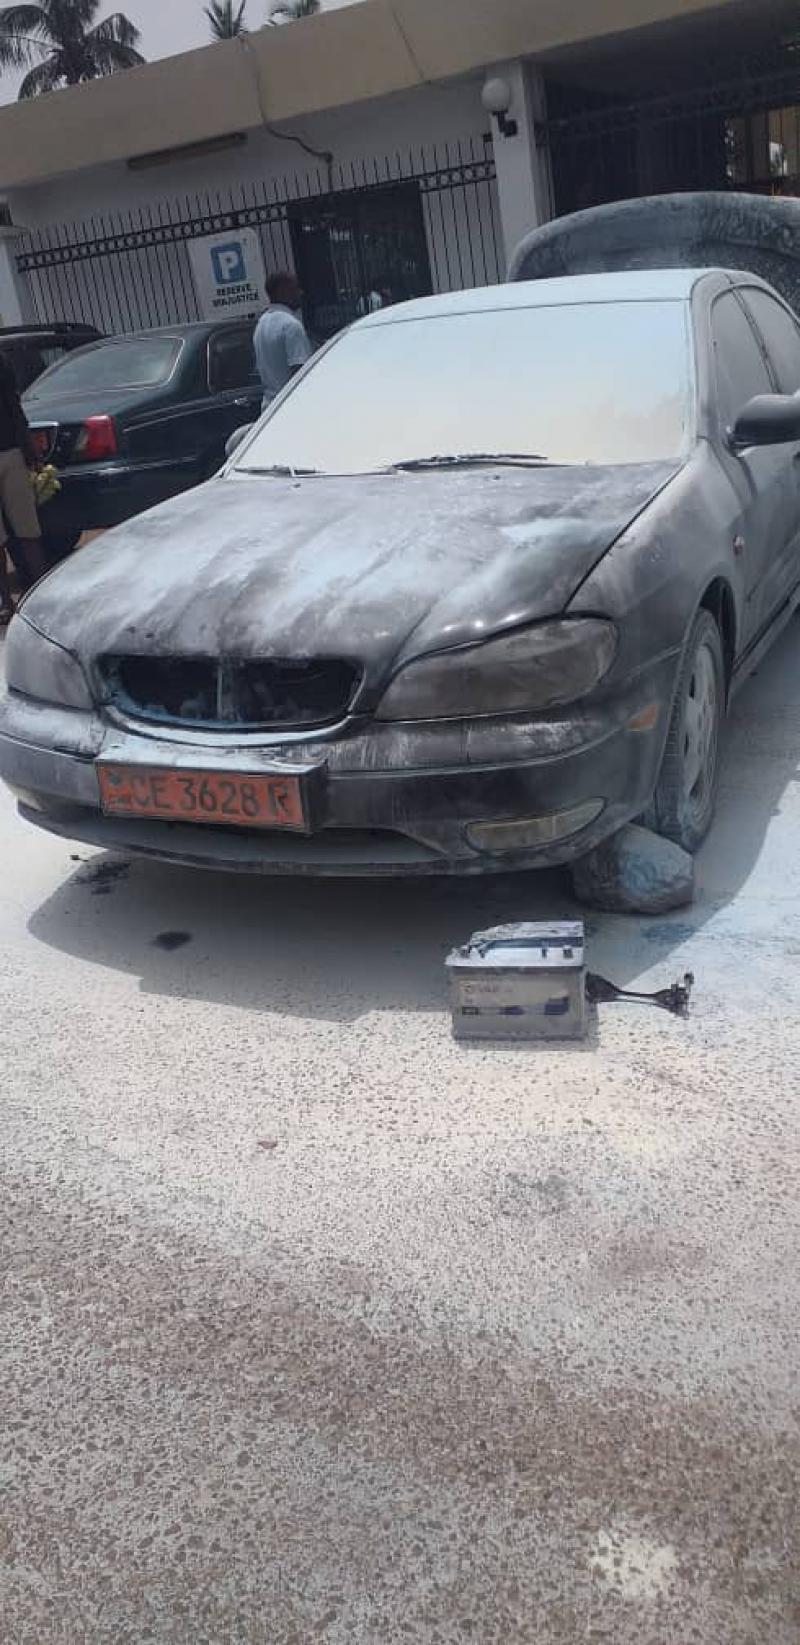 Cameroun – Urgent: Un homme met le feu à plusieurs voitures au Ministère de la Justice, y compris celle du ministre Laurent Esso.